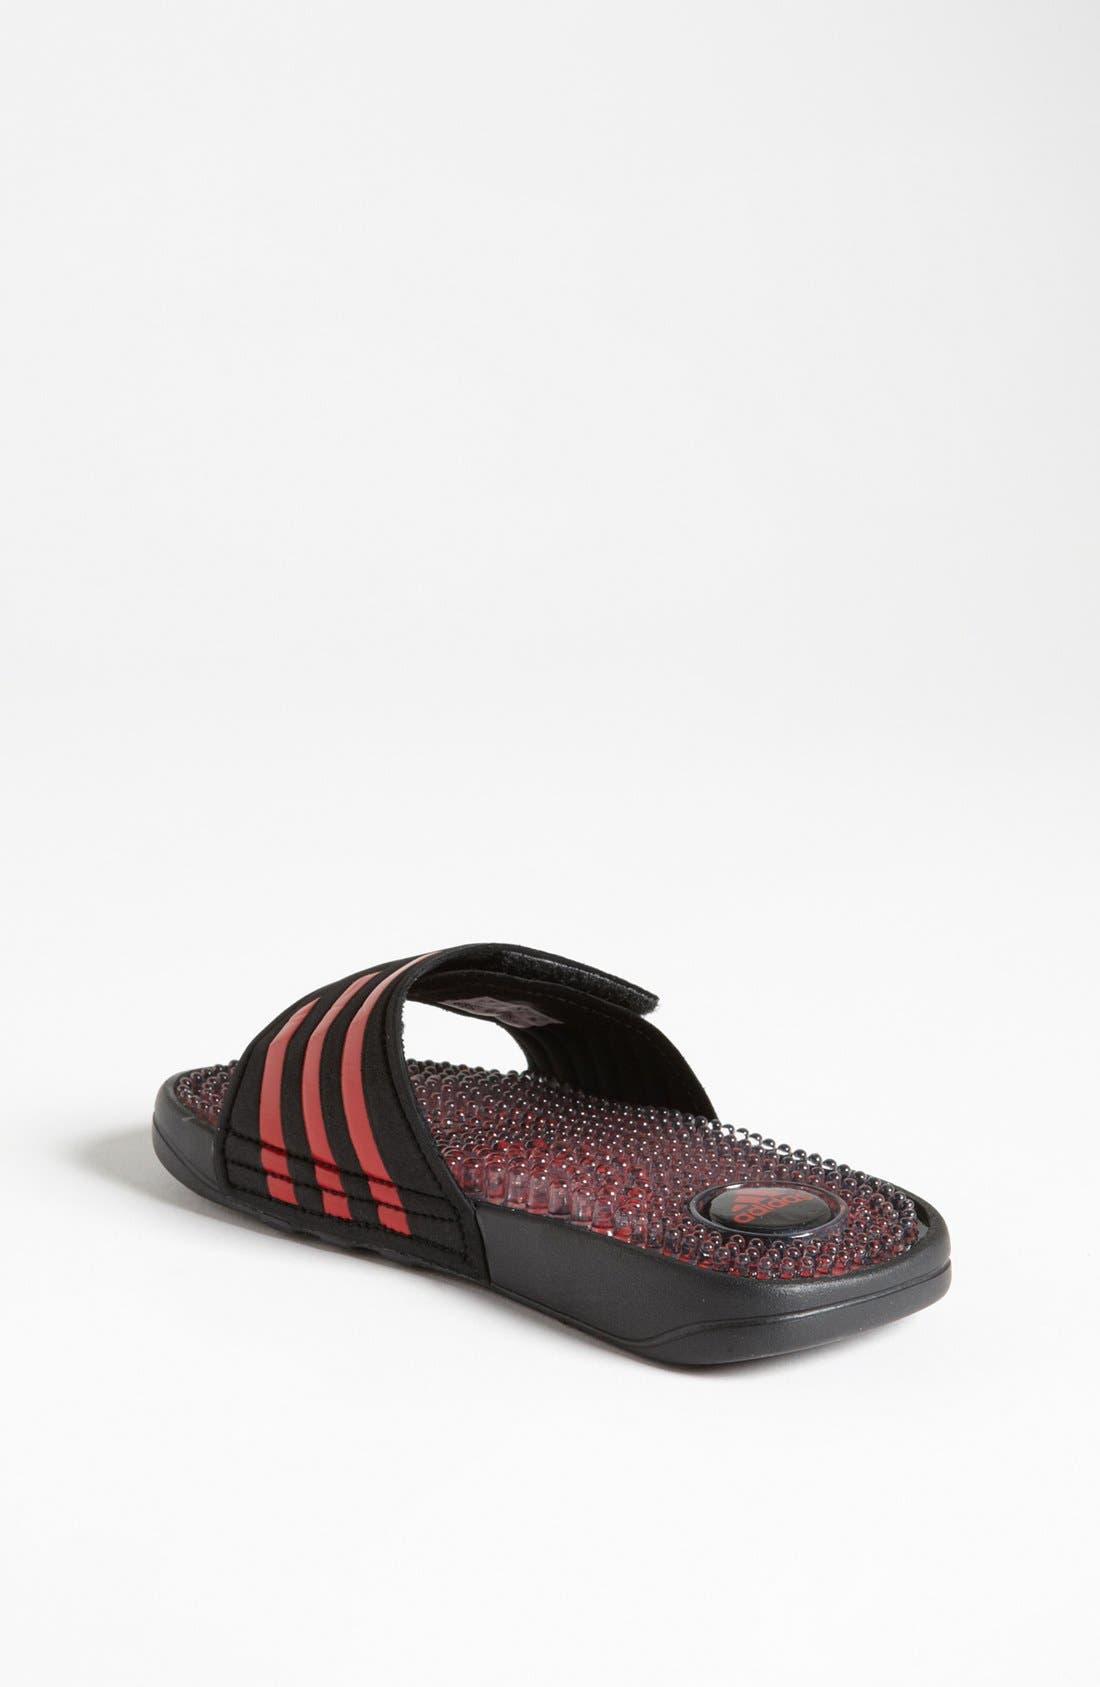 Alternate Image 2  - adidas 'Adissage - Fade' Sandal (Toddler, Little Kid & Big Kid)